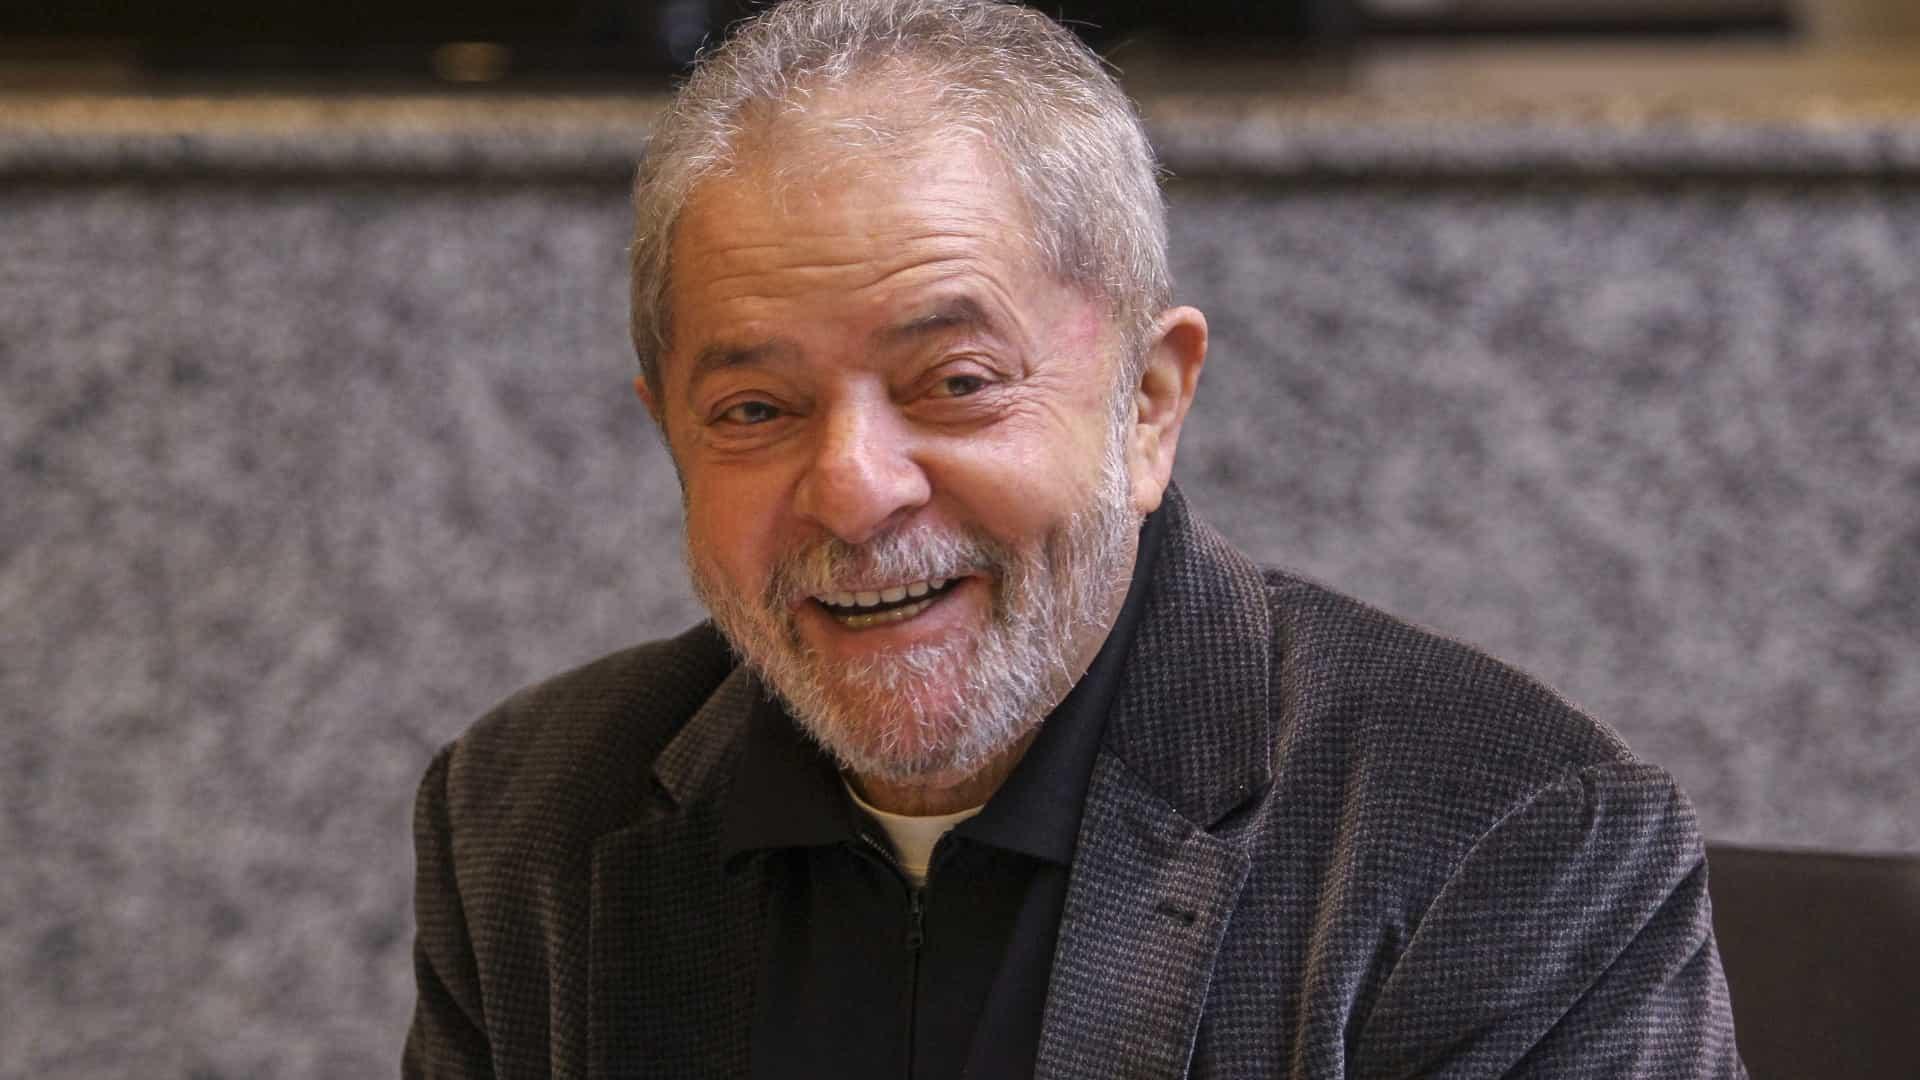 naom 5912334f13d8e 1 - Lula pode pedir semiaberto no caso triplex, mas quer 'liberdade plena'